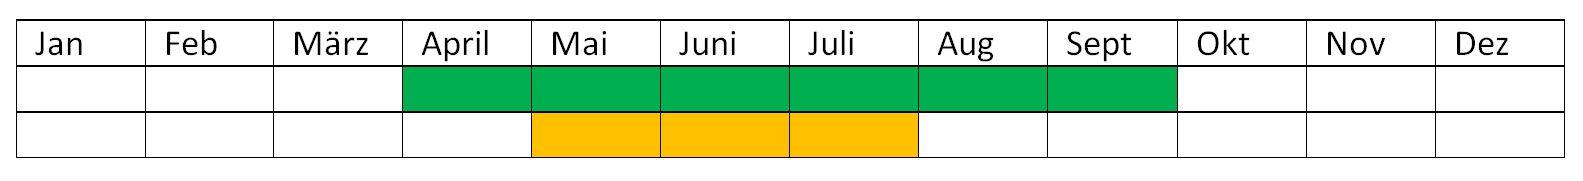 Terminplan_Mönchsgrasmücke